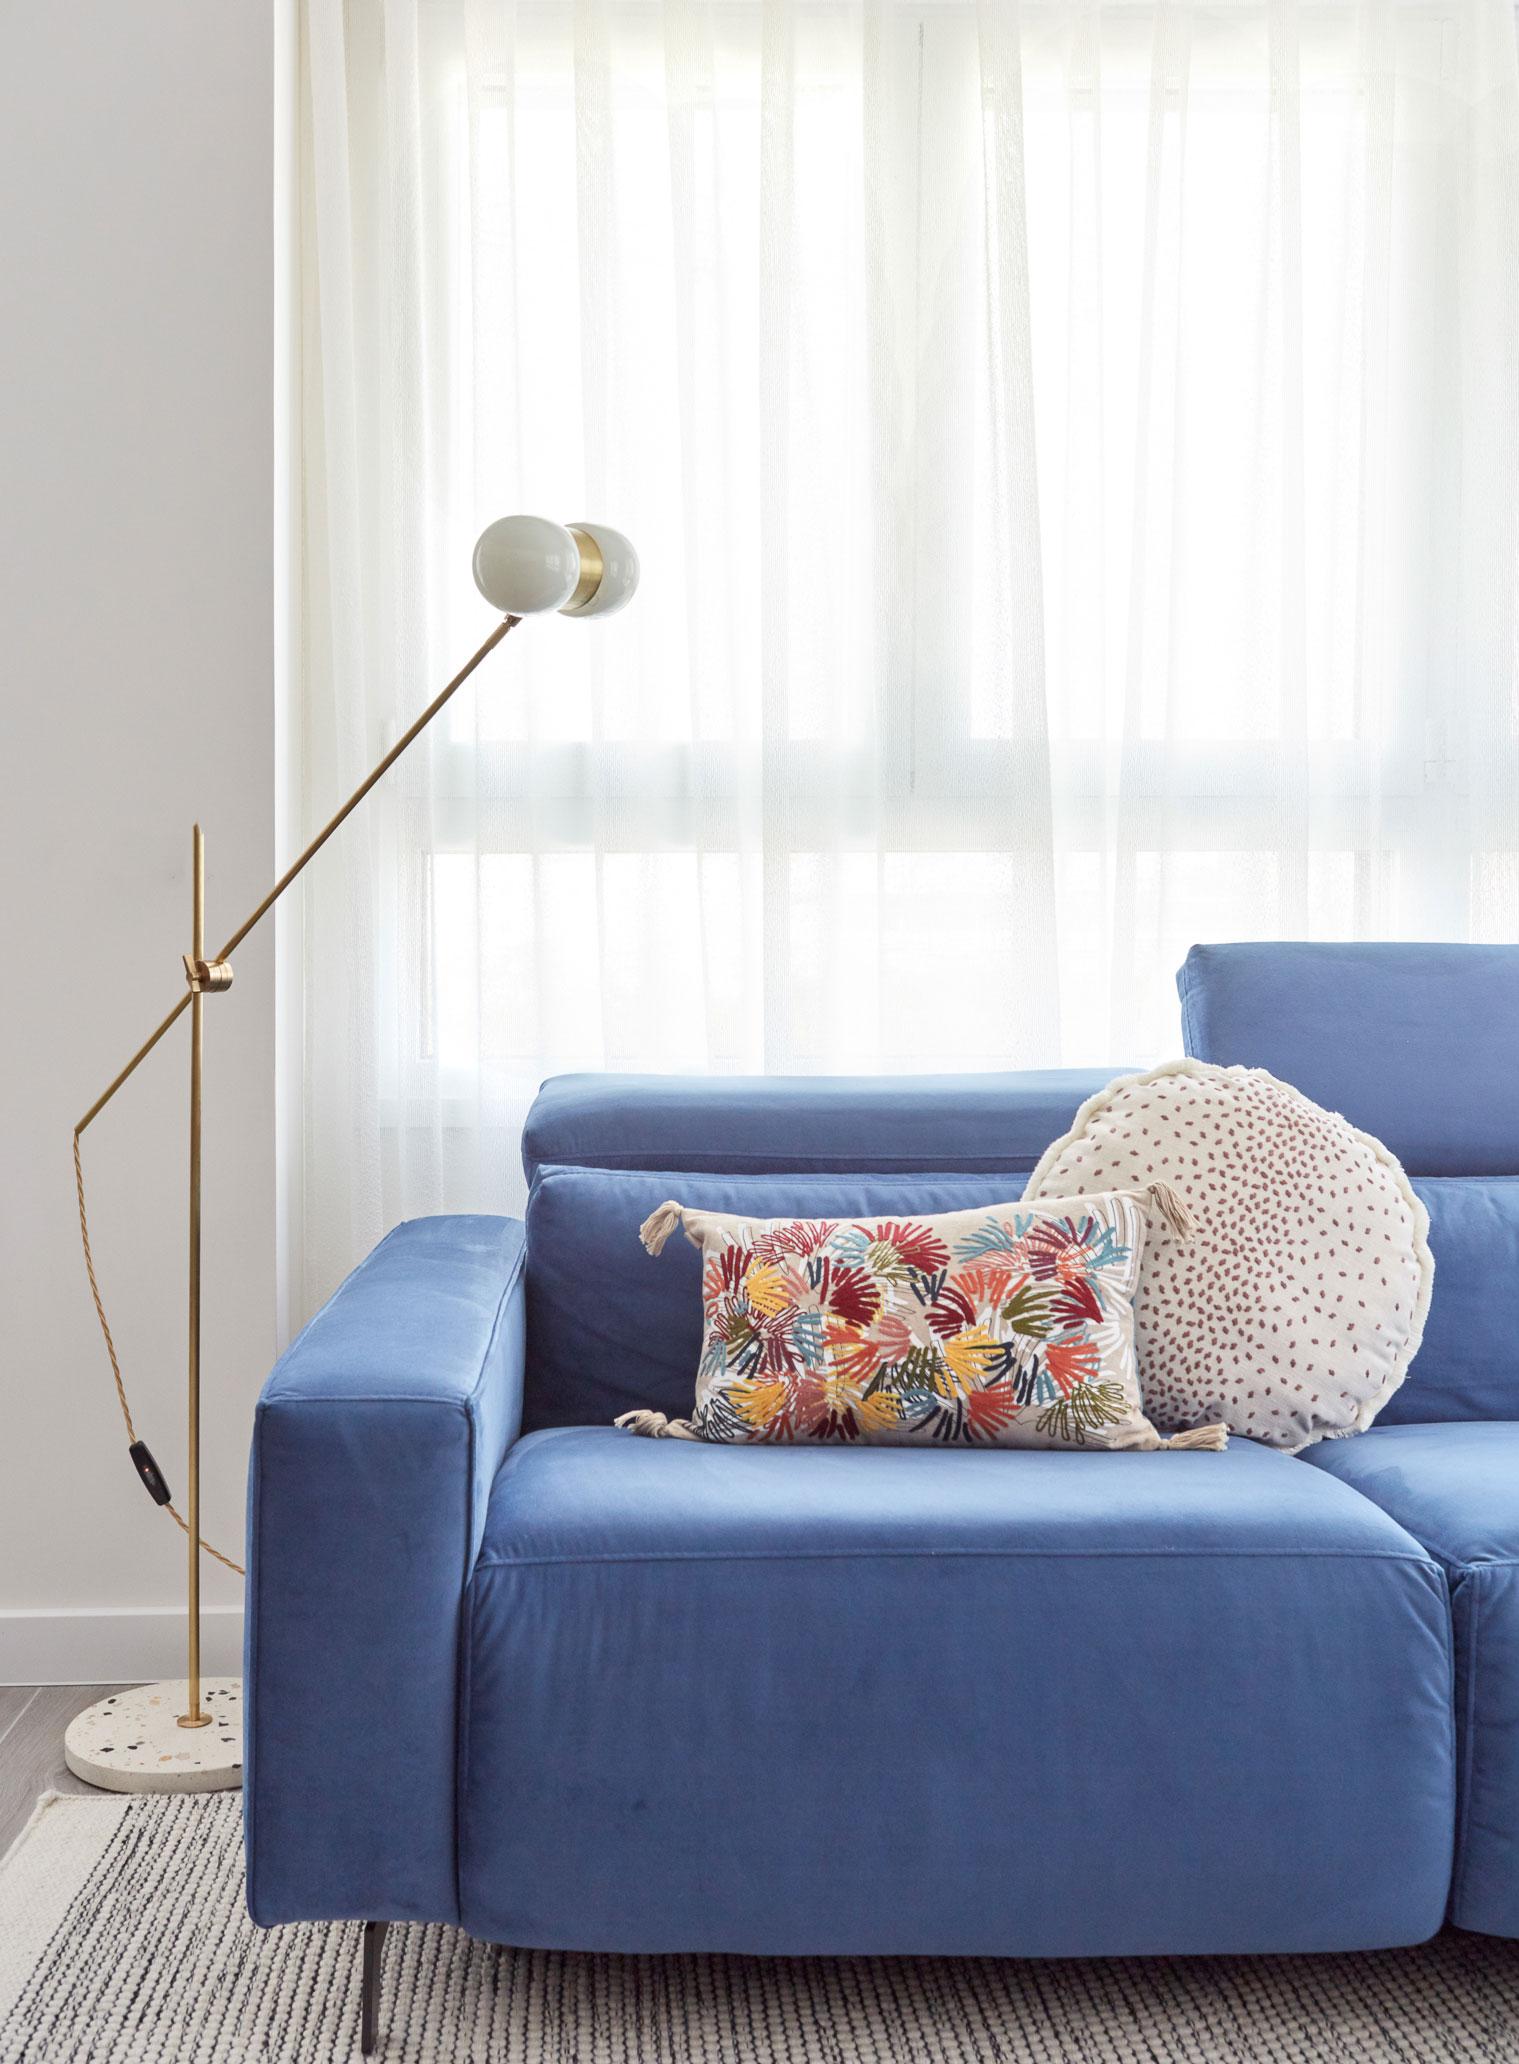 Lámpara de pie de Contain Mallorca con sofá azul de Moradillo